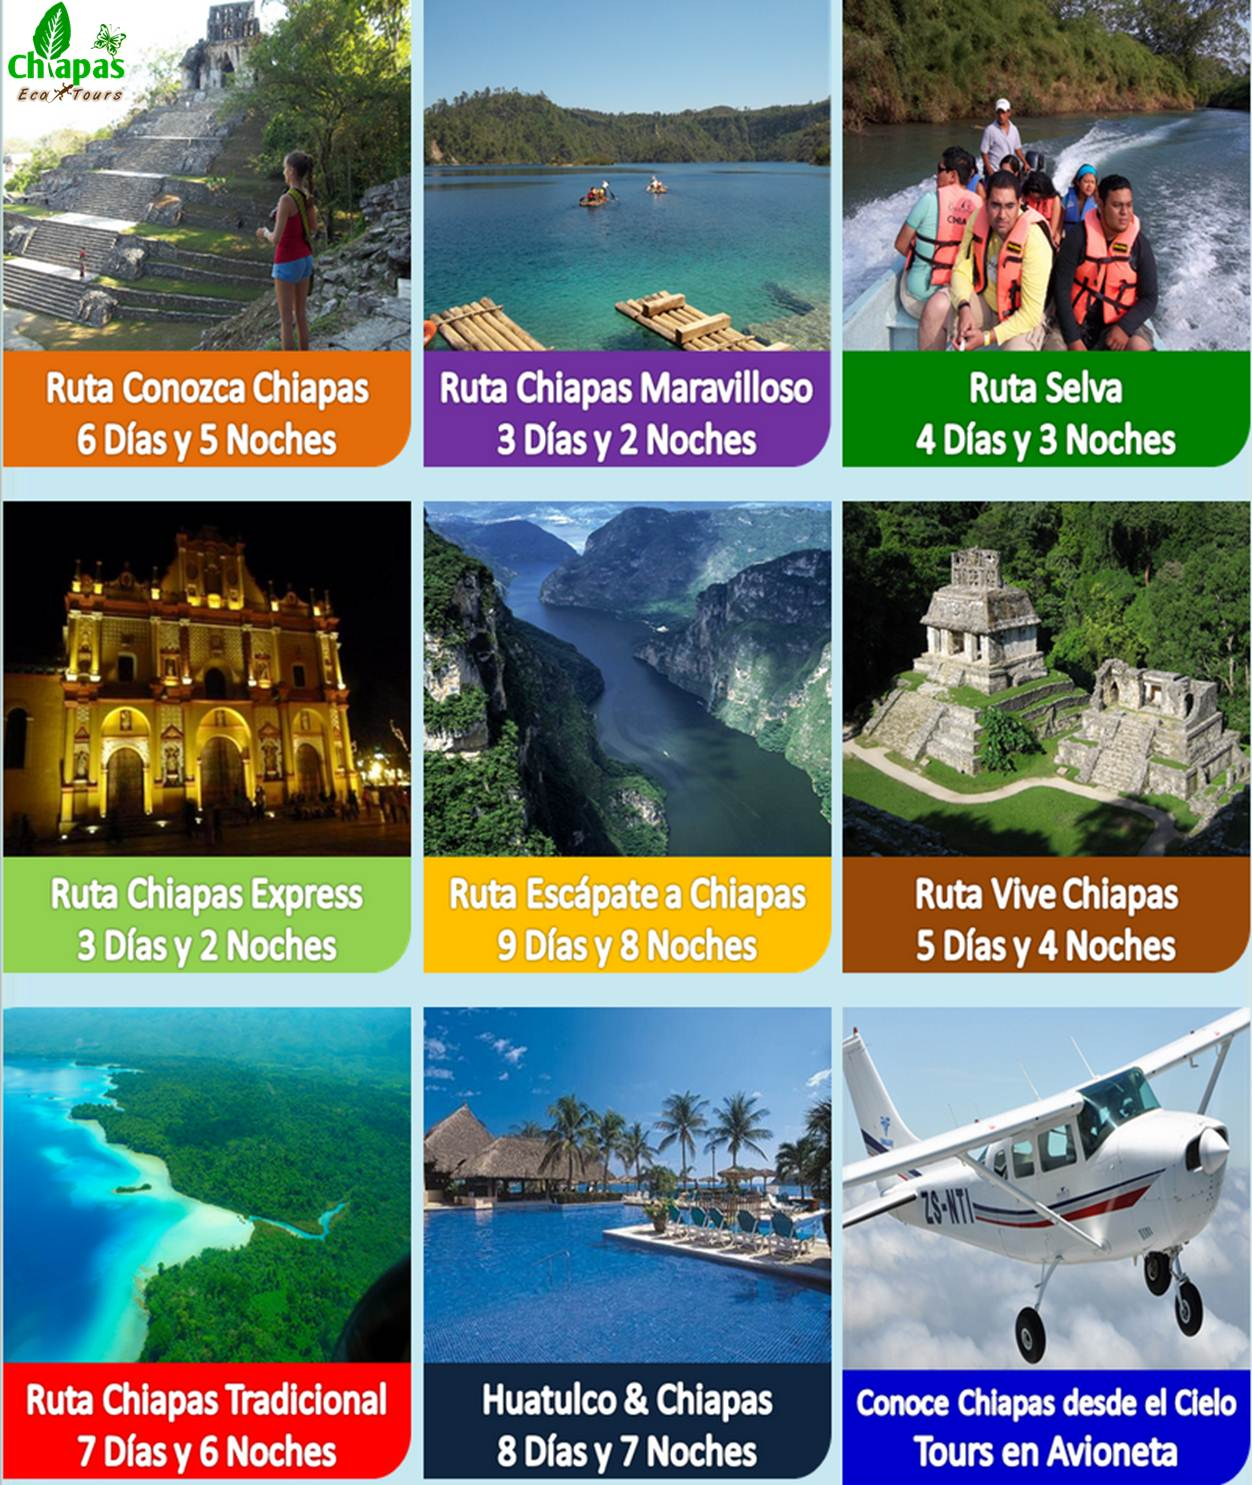 Foto de www.cotourschiapas.com